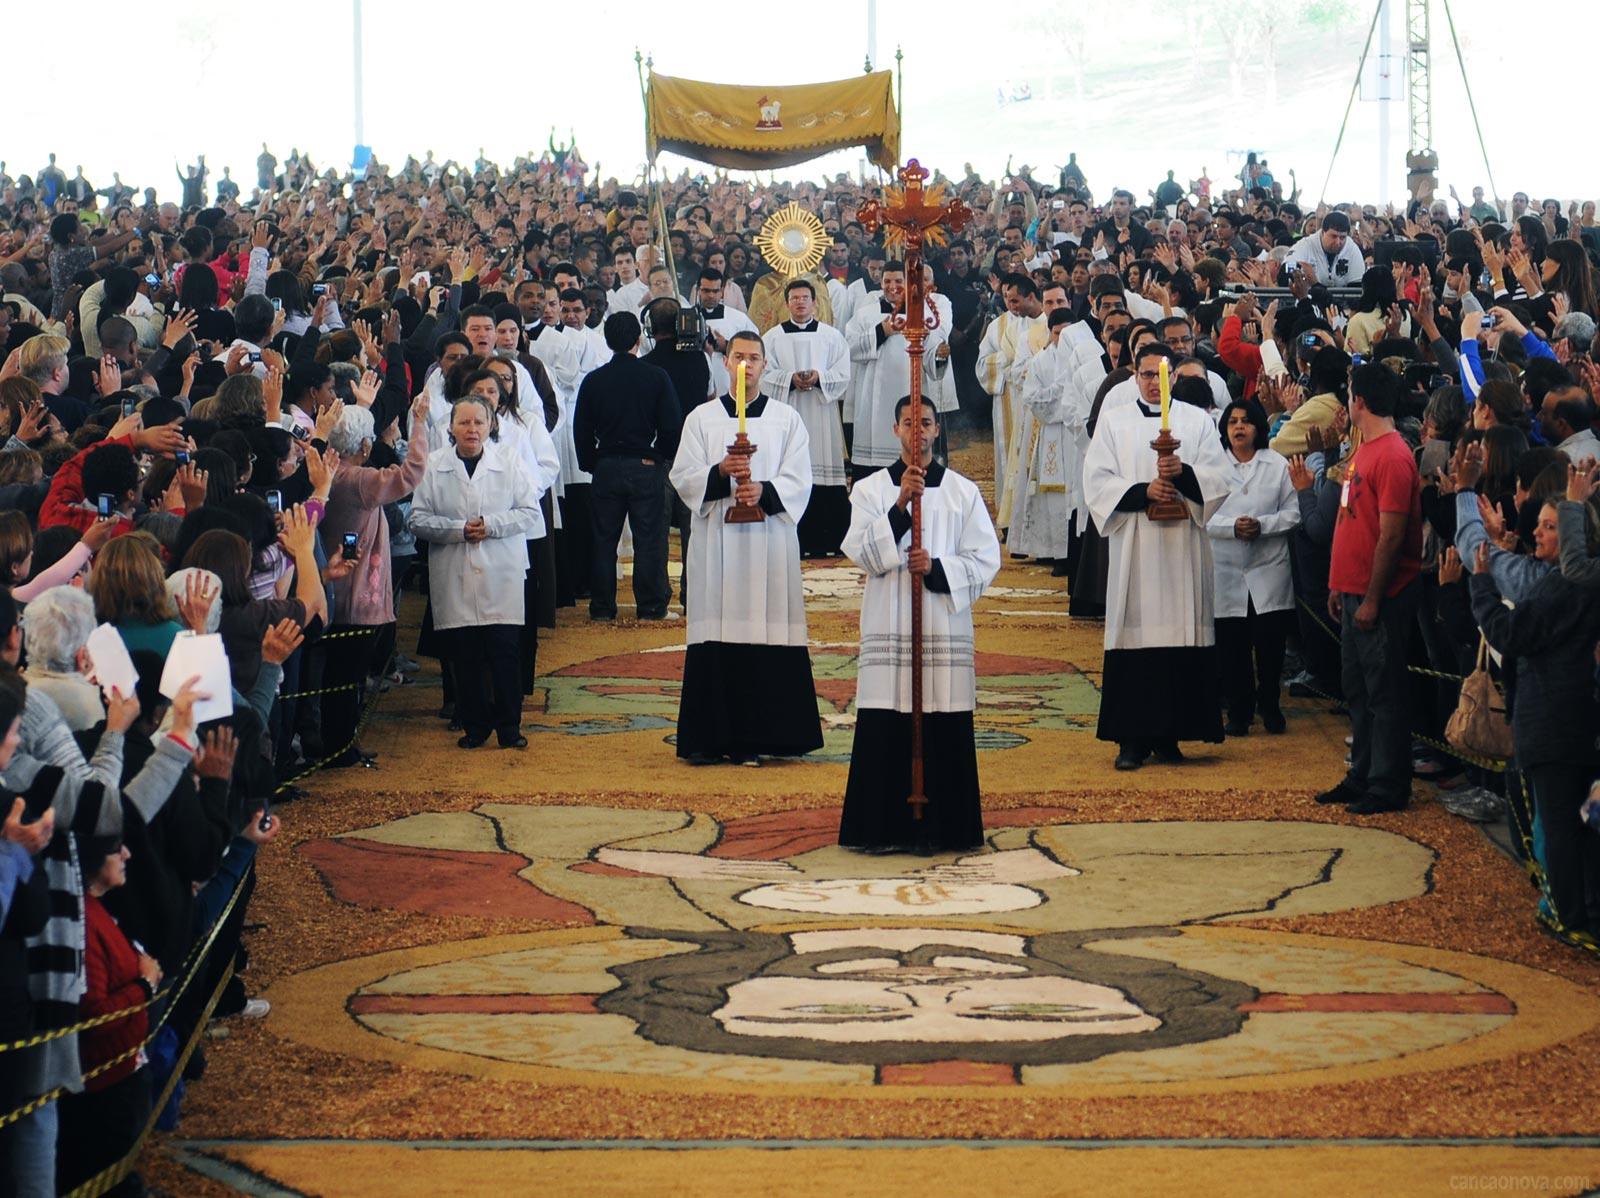 Conheça a história da Festa de Corpus Christi 2